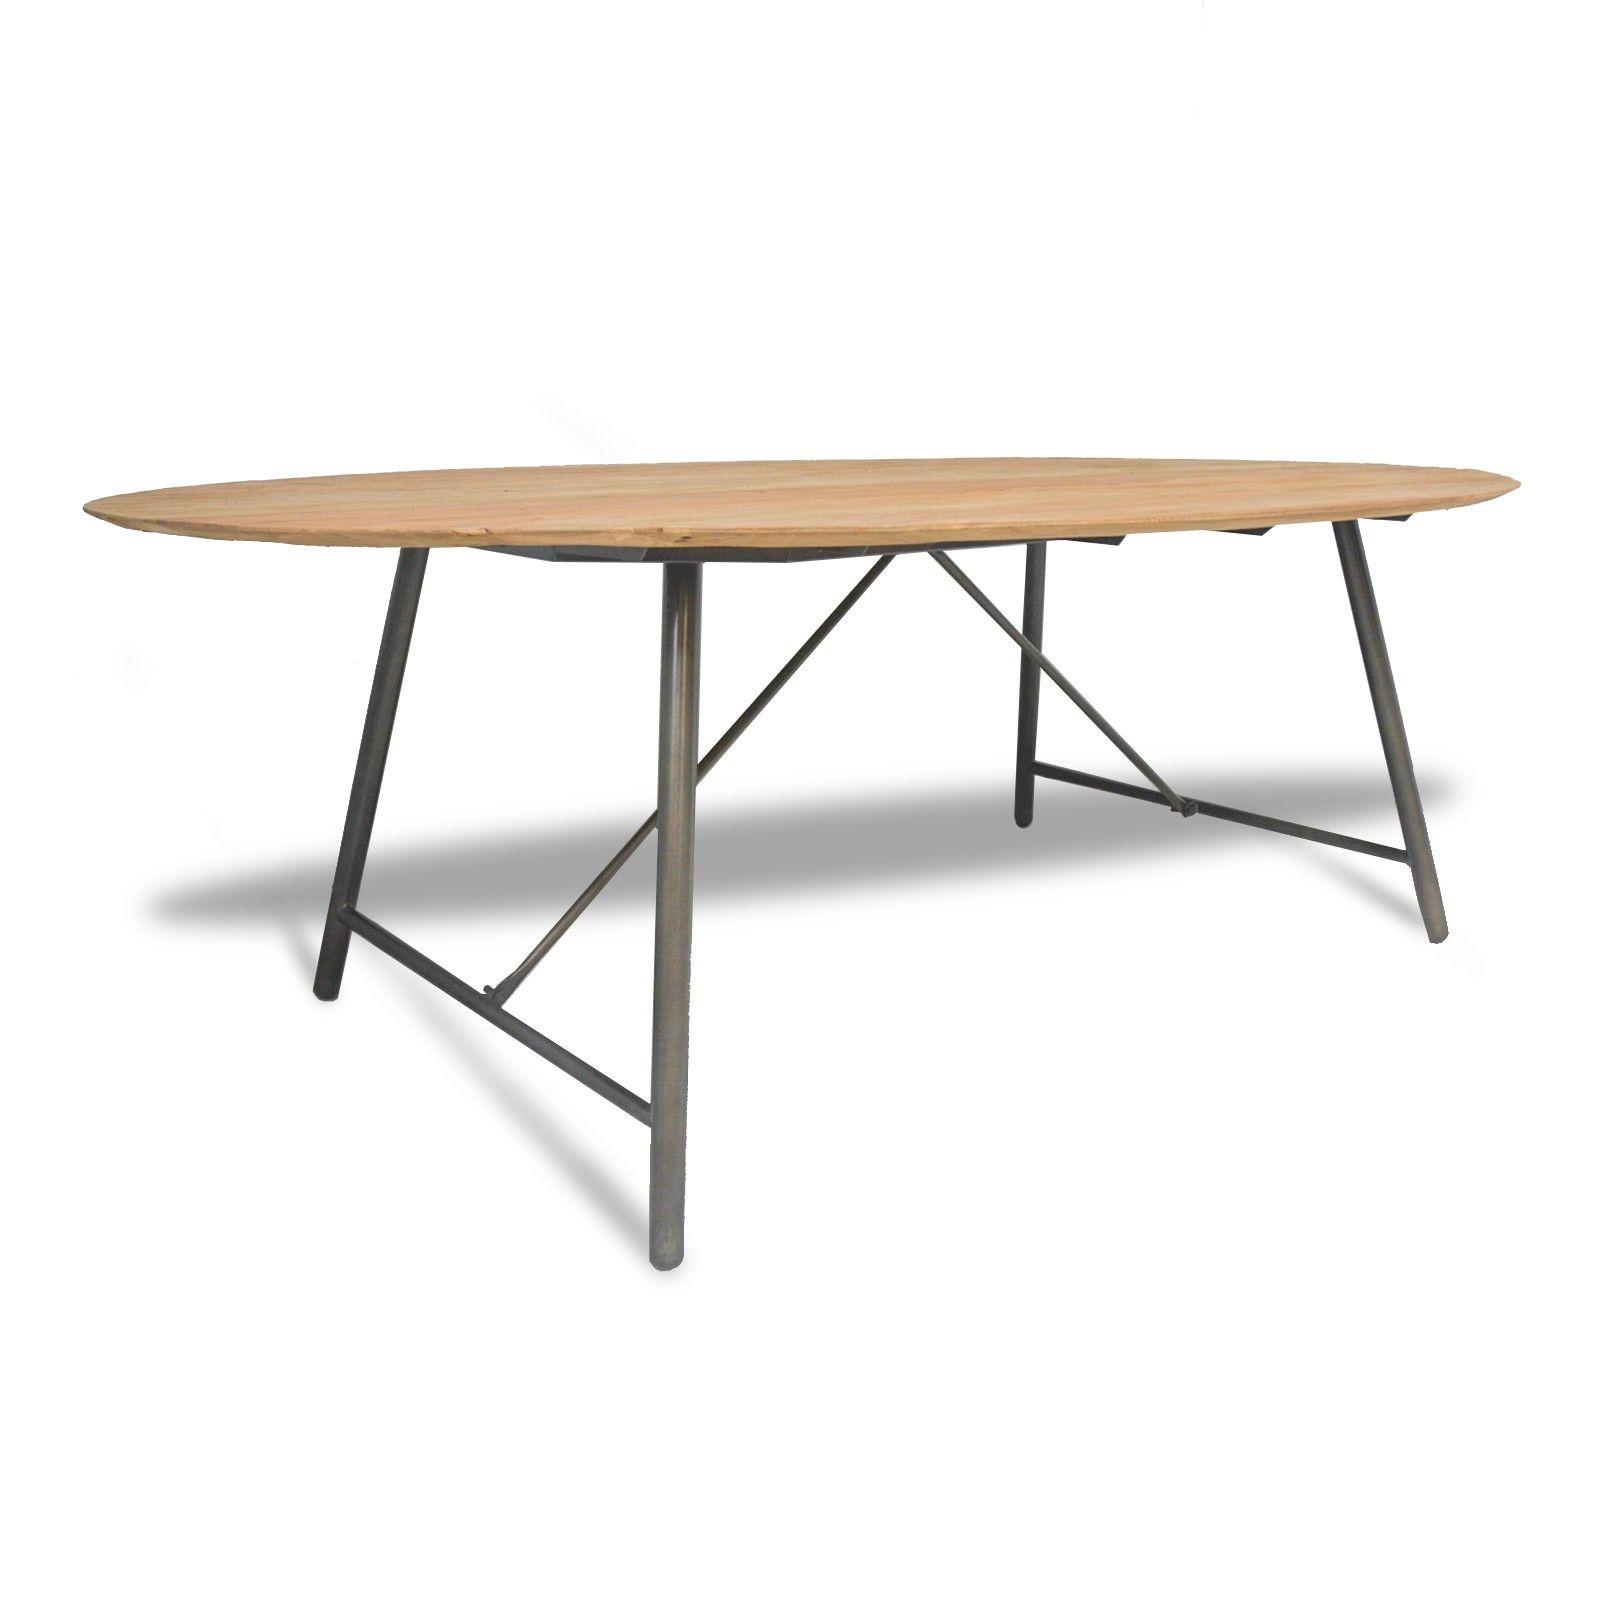 Imposante Table De Salle A Manger Ovale Plateau En Teck Recycle